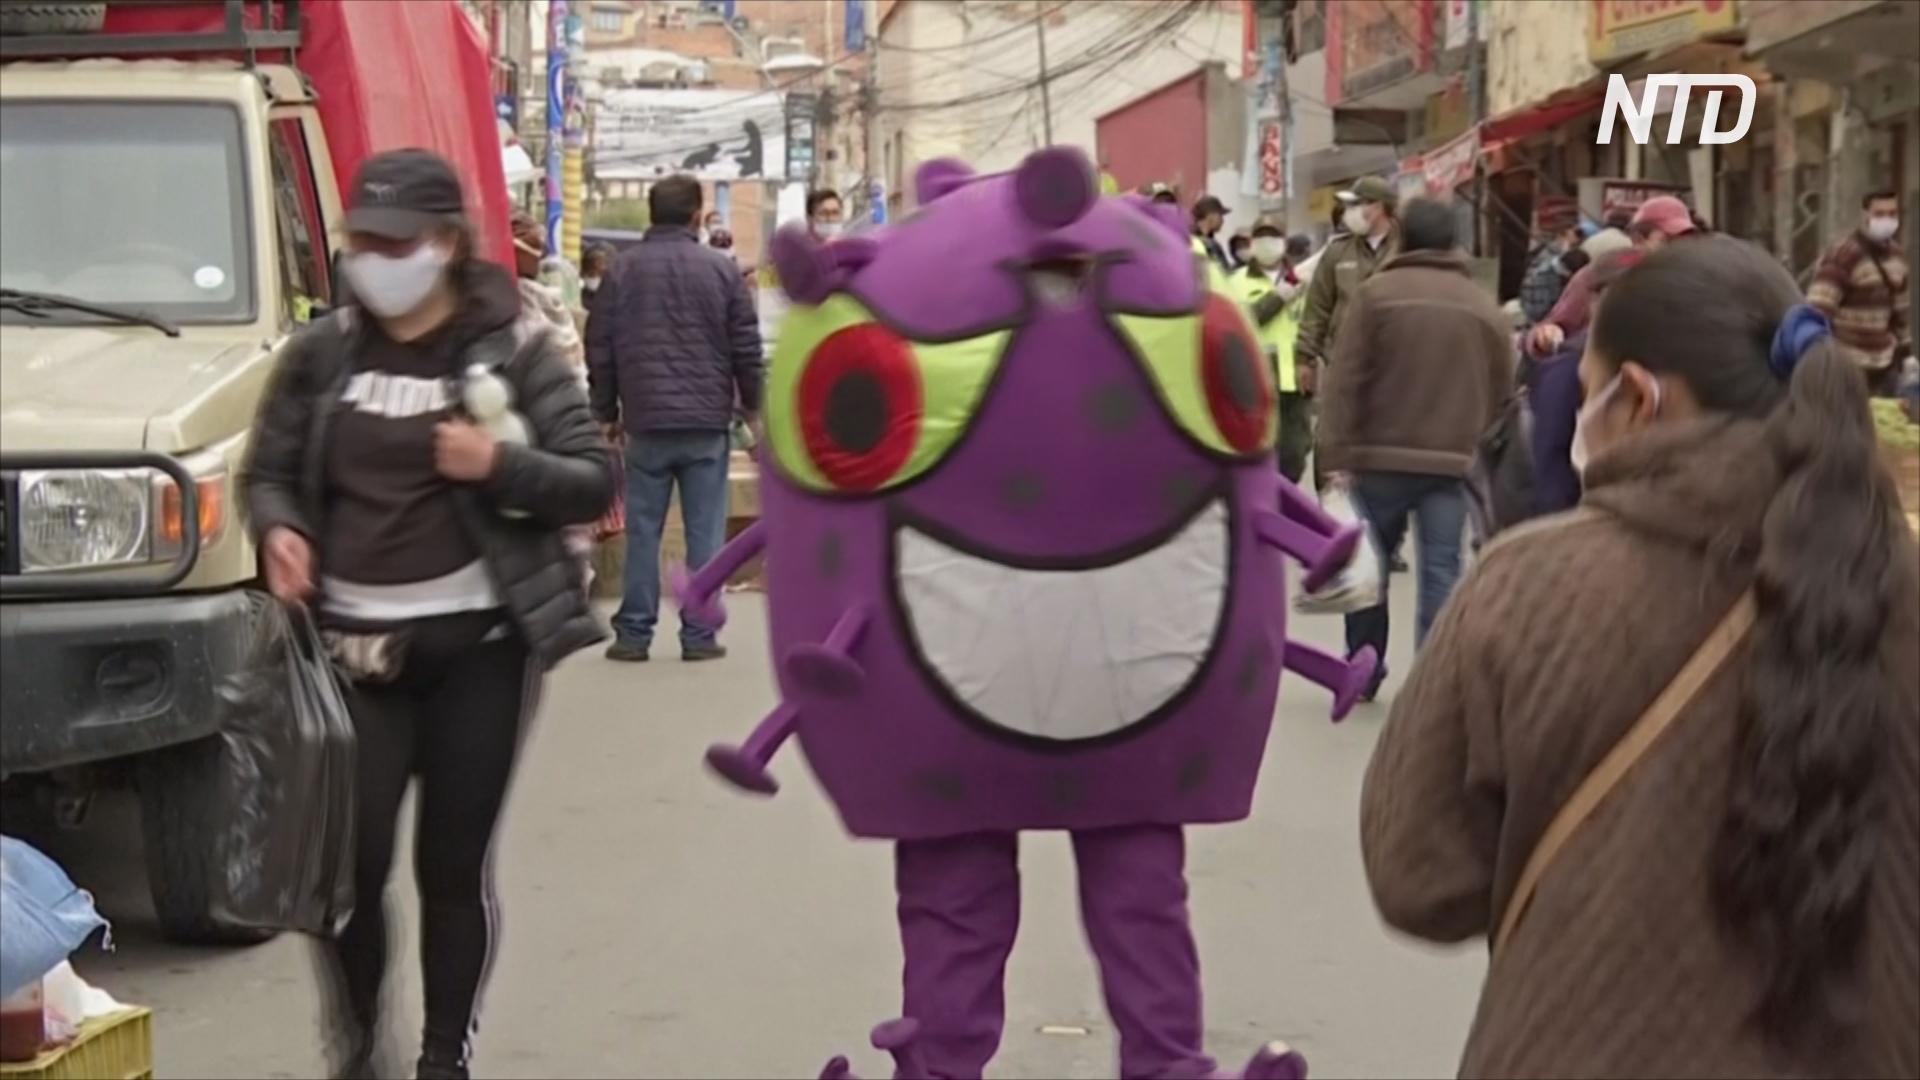 Без шуток: люди в костюмах коронавируса пугают прохожих в Боливии